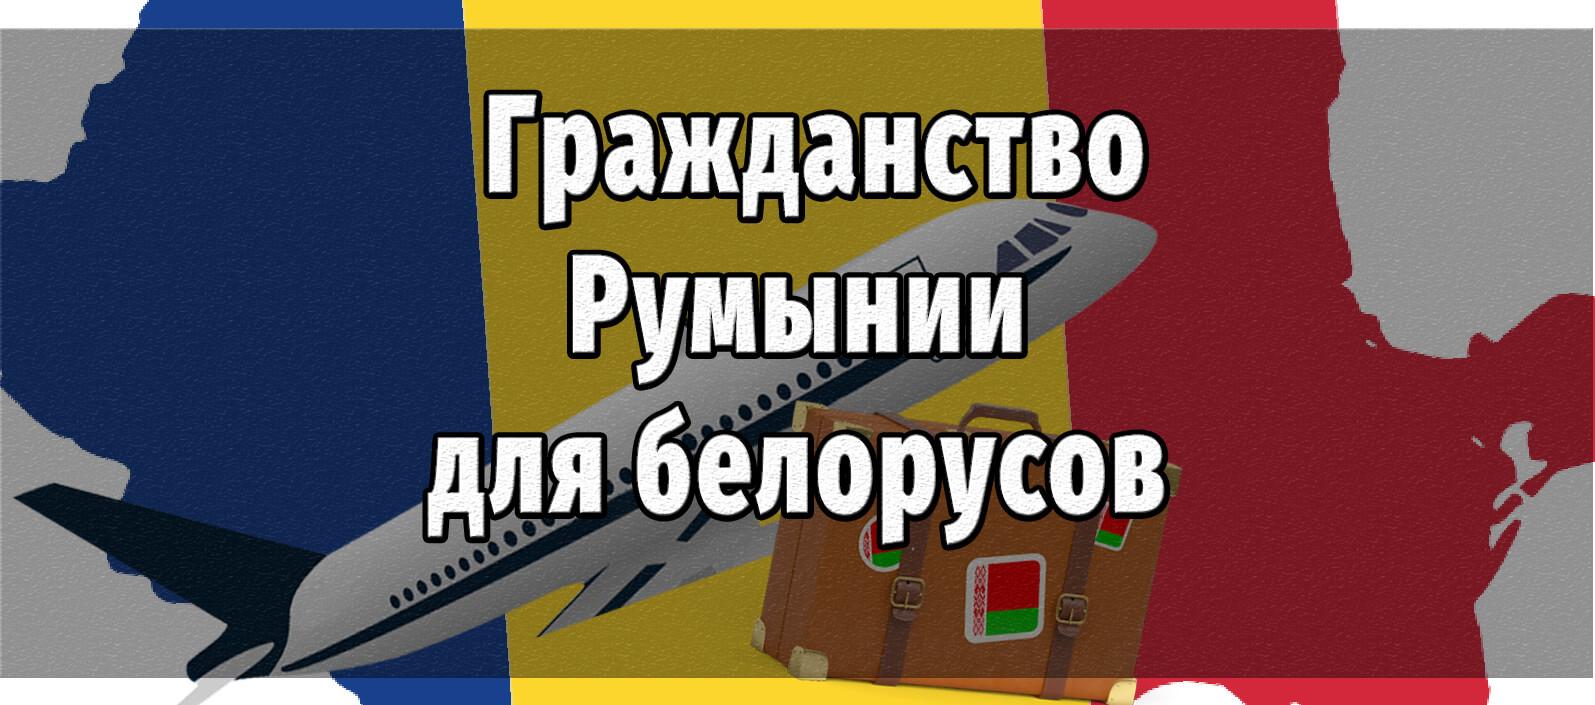 гражданство румынии для белорусов